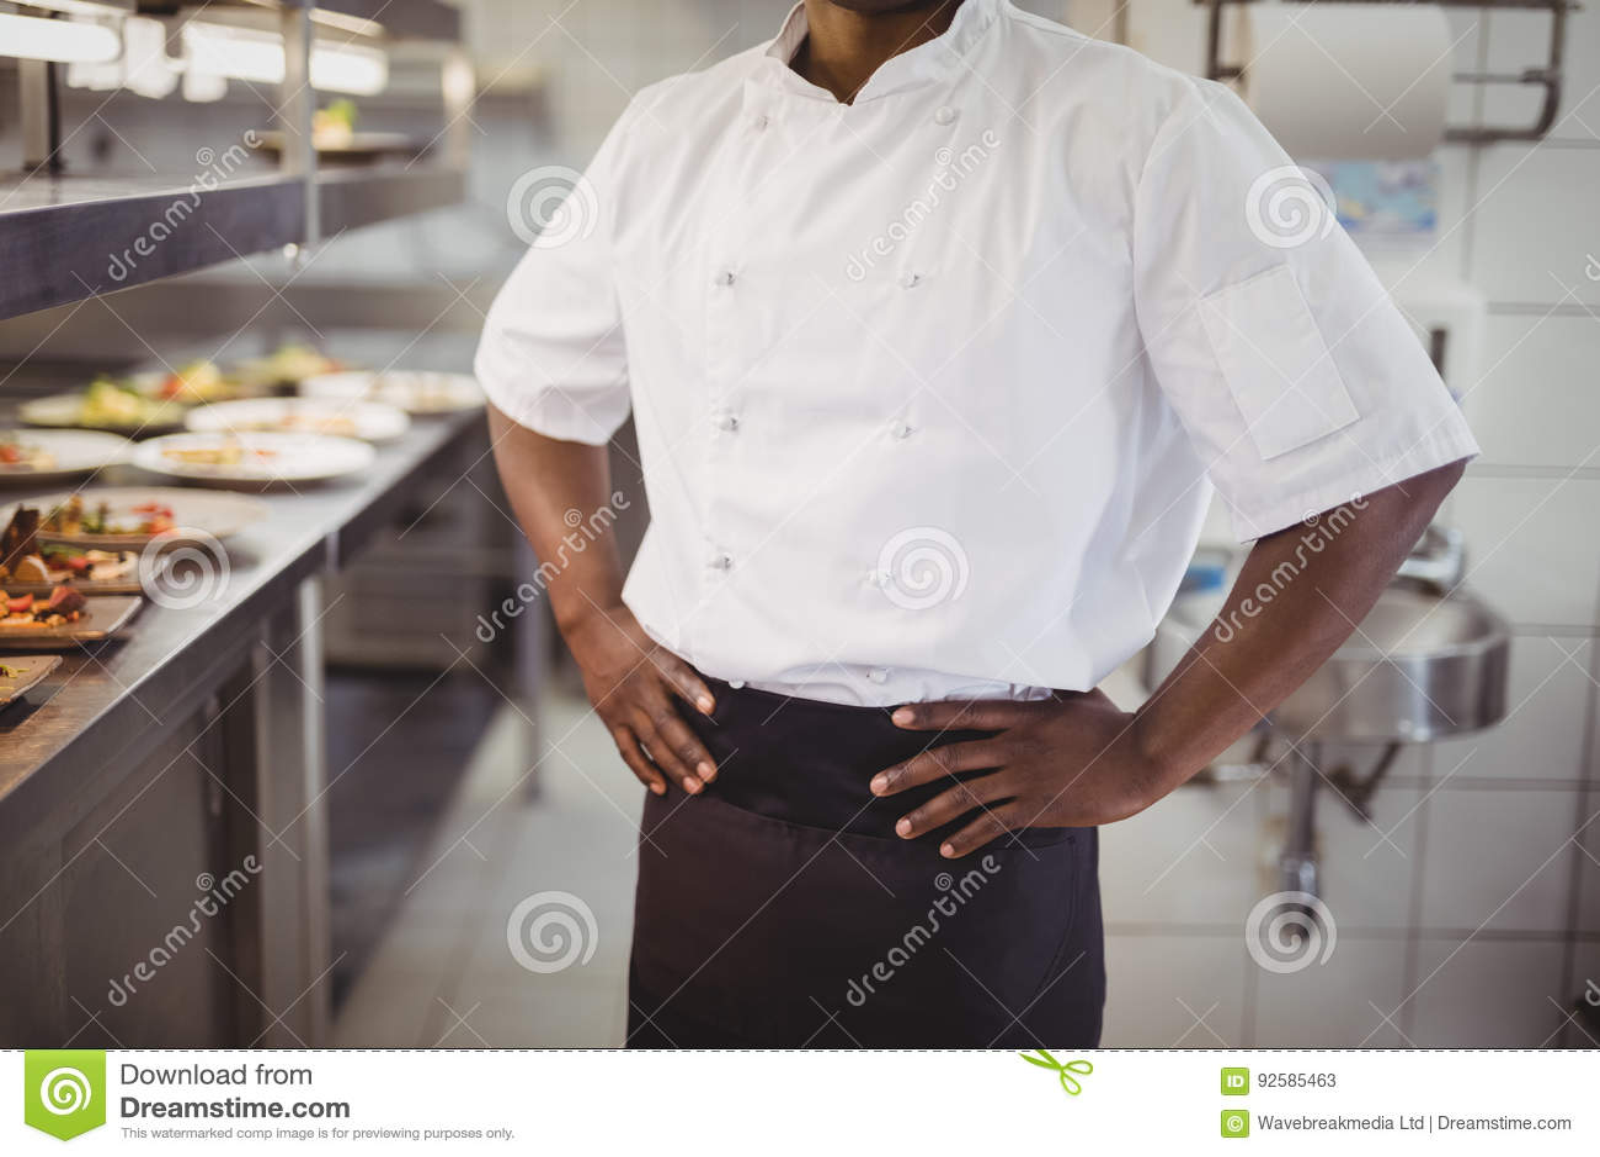 W połowie sekcja szef kuchni pozycja z rękami na biodrze w handlowej kuchni